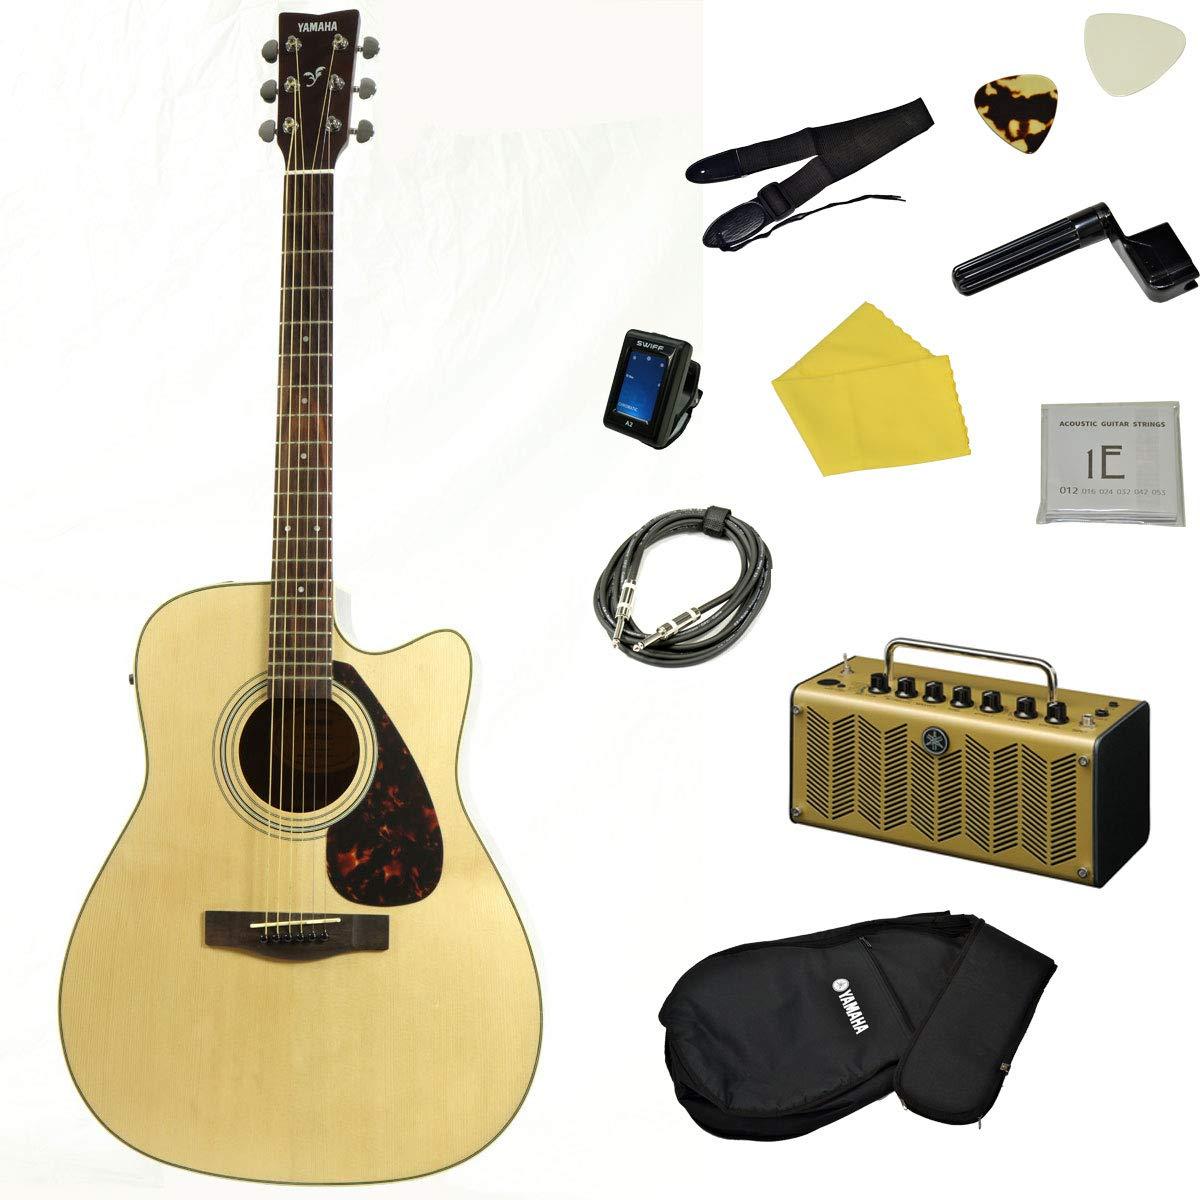 YAMAHA / FX370C NT 【入門エレアコ/THR5Aアンプシンプルセット】 ヤマハ エレクトリックアコースティックギター FX-370C   B07KP4DPHB